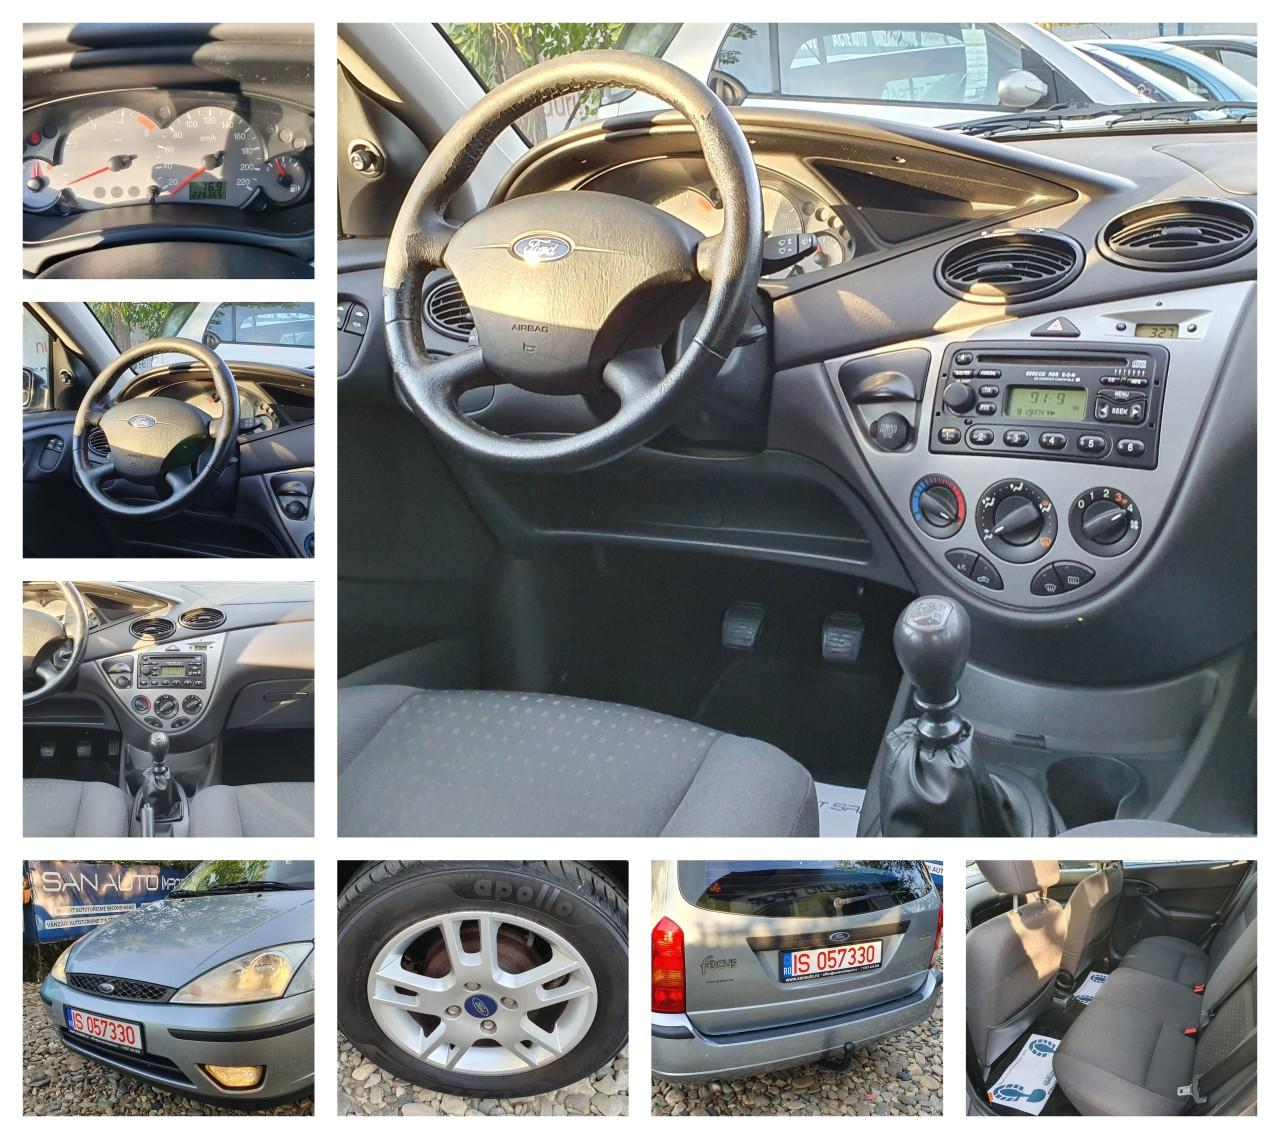 Ford Focus 1.8 tddi 2004